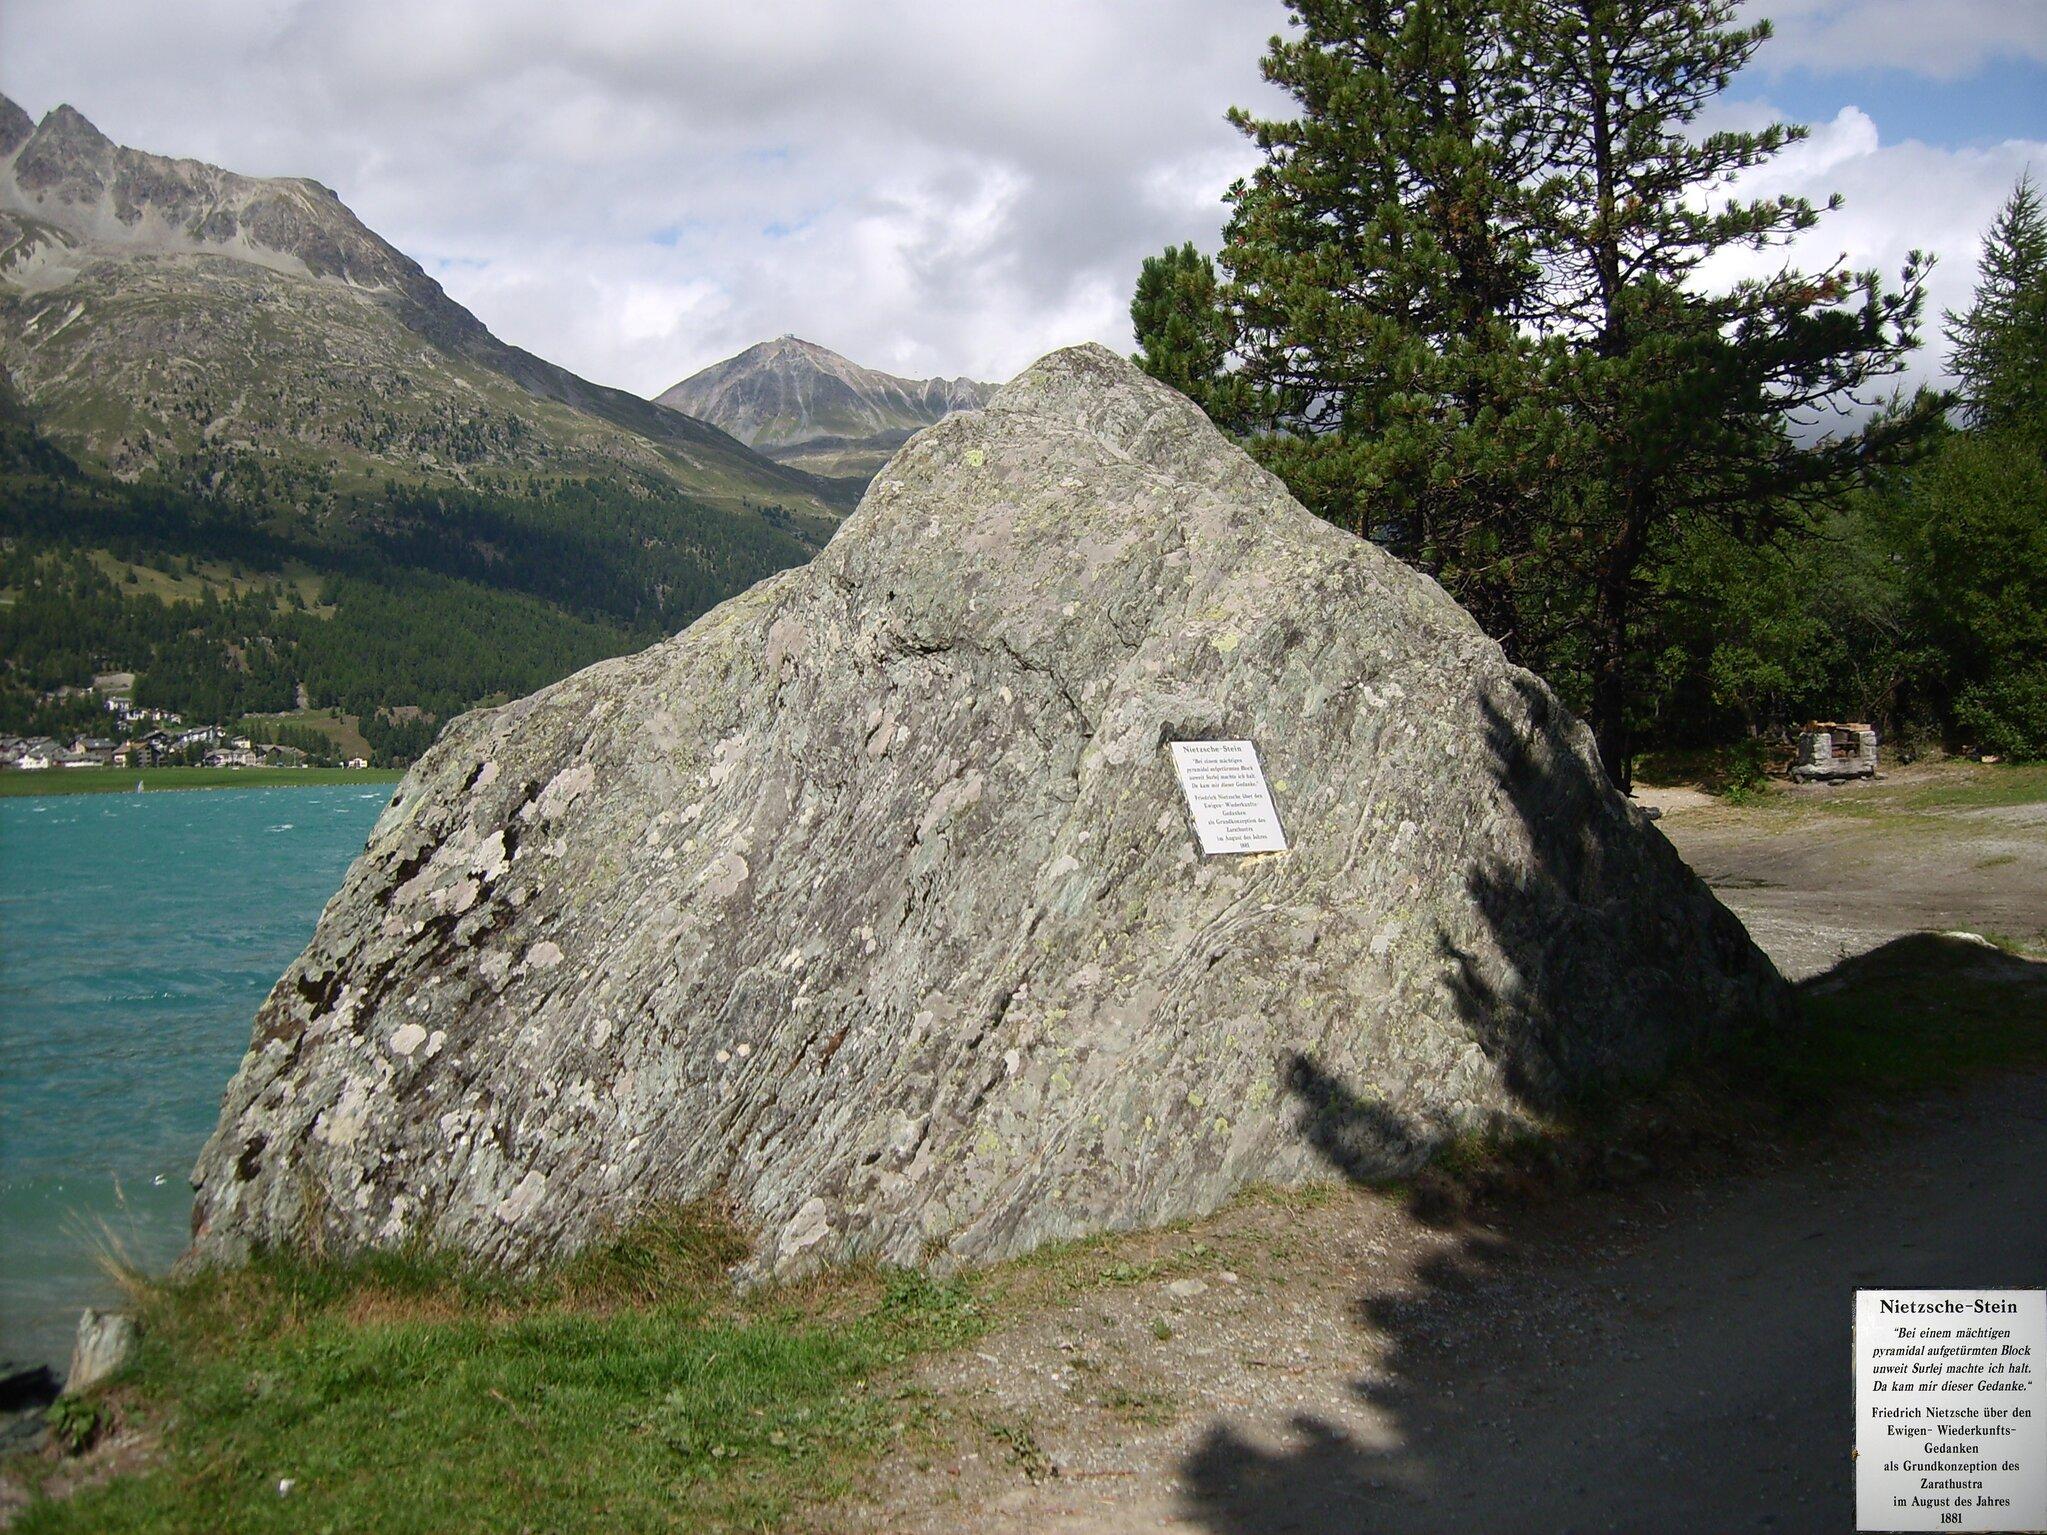 Kamień Nietzschego wSurlej, wSzwajcarii Kamień Nietzschego wSurlej, wSzwajcarii Źródło: Armin Kübelbeck, licencja: CC BY-SA 3.0.